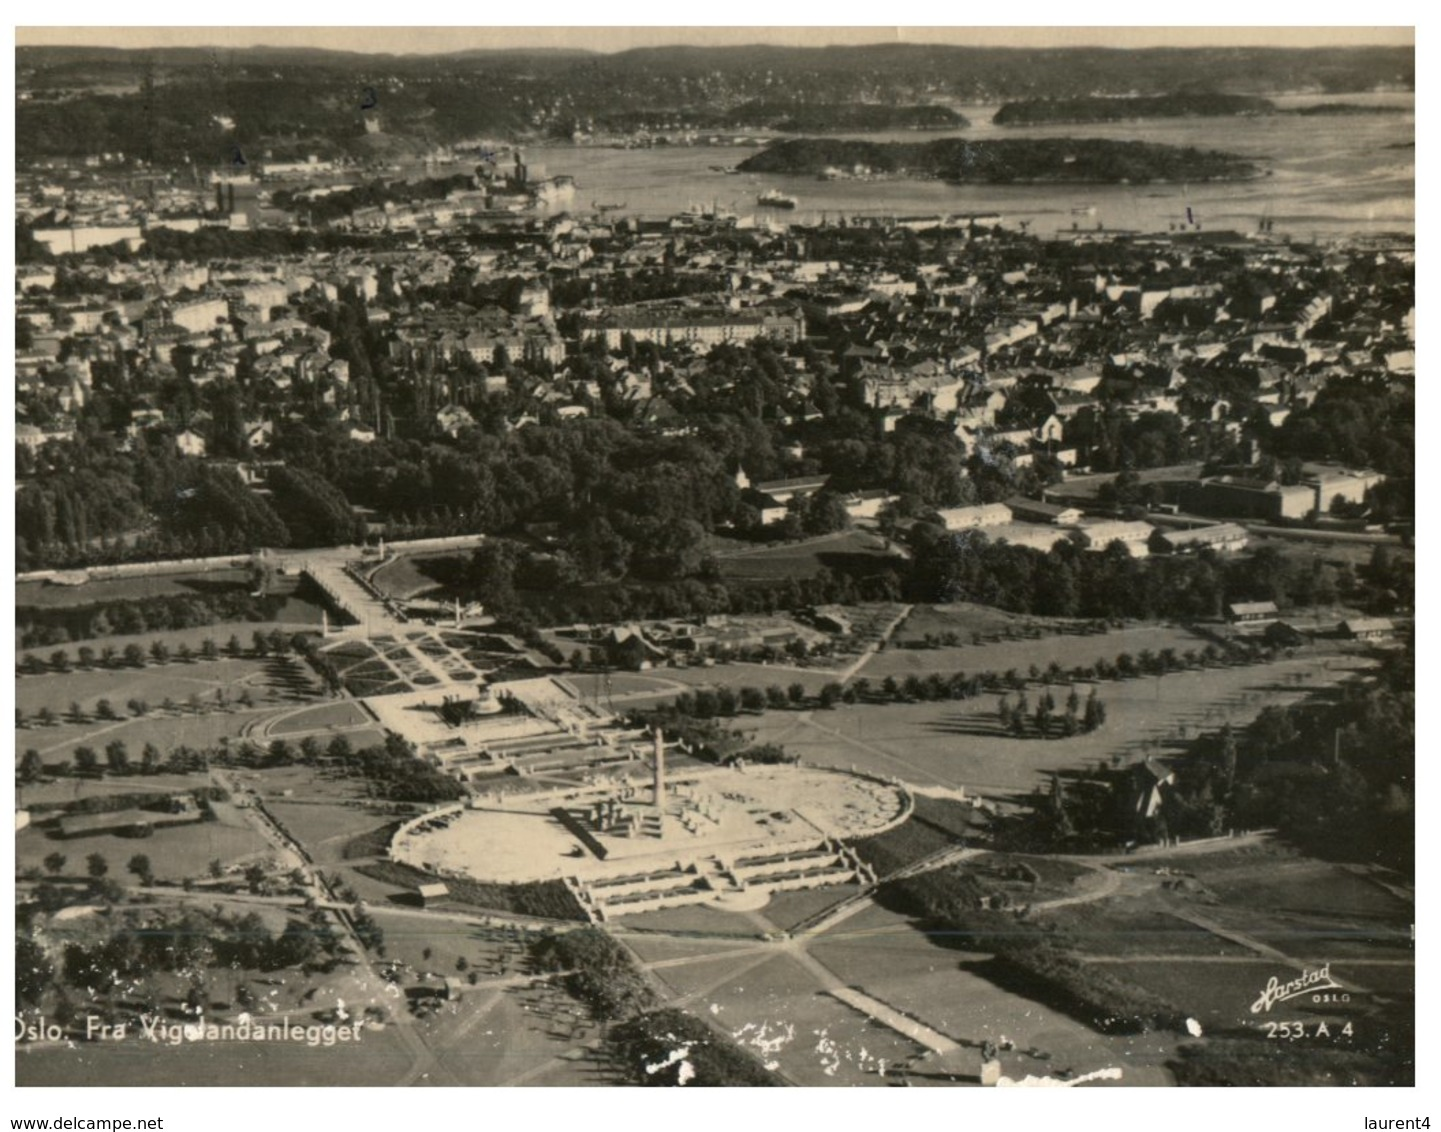 (789) Very Old Postcard - Norway - Oslo - Norway